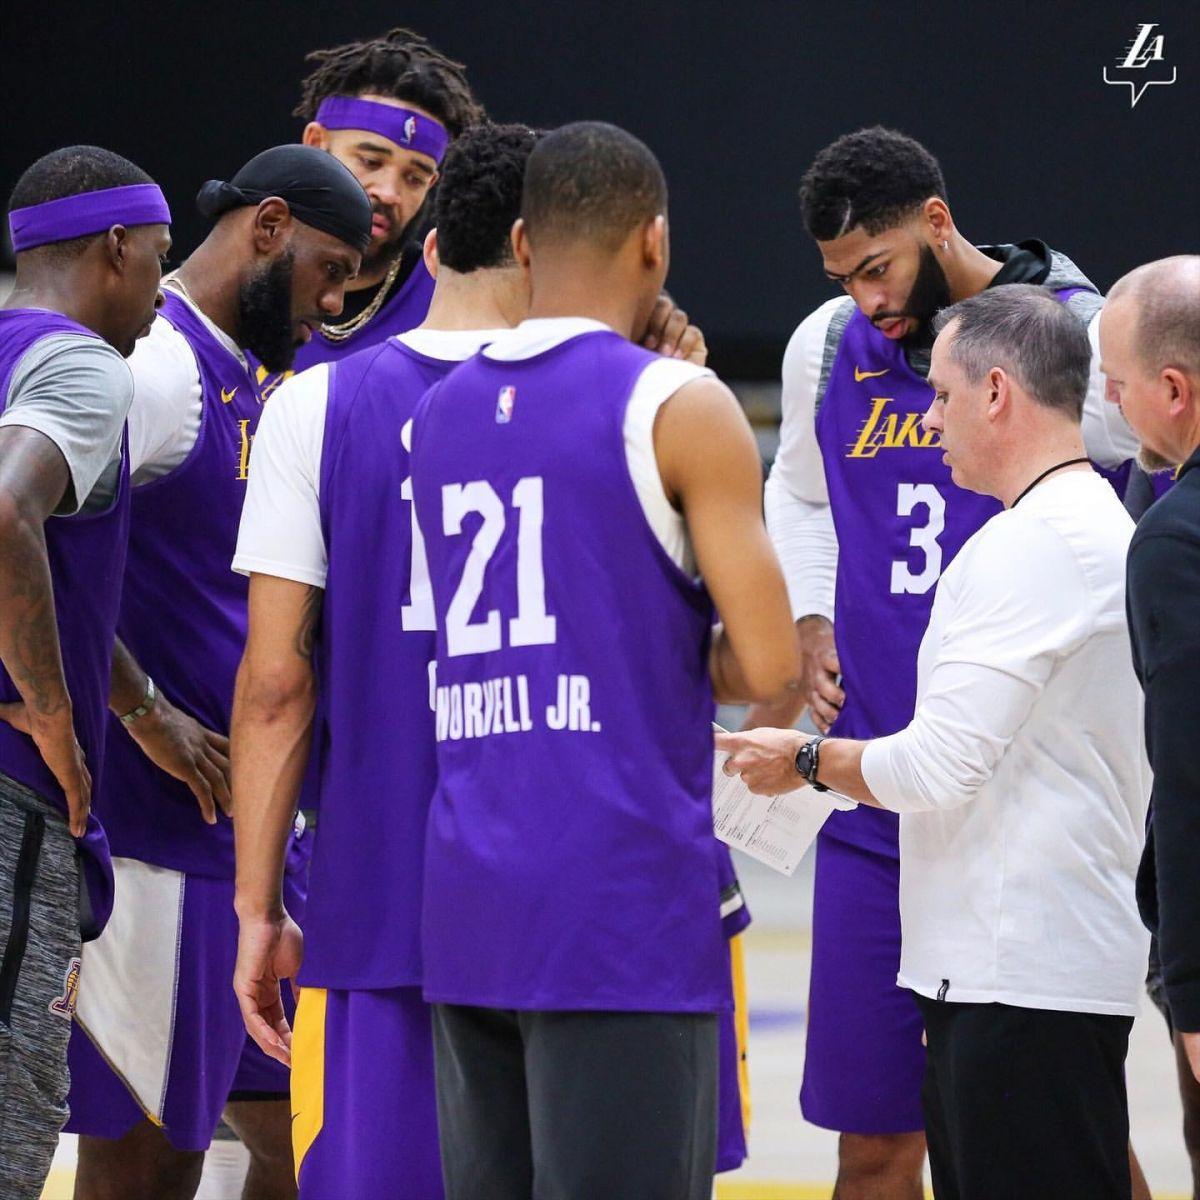 一觸即發!湖人官方發佈球隊訓練照及球員入場圖-Haters-黑特籃球NBA新聞影音圖片分享社區